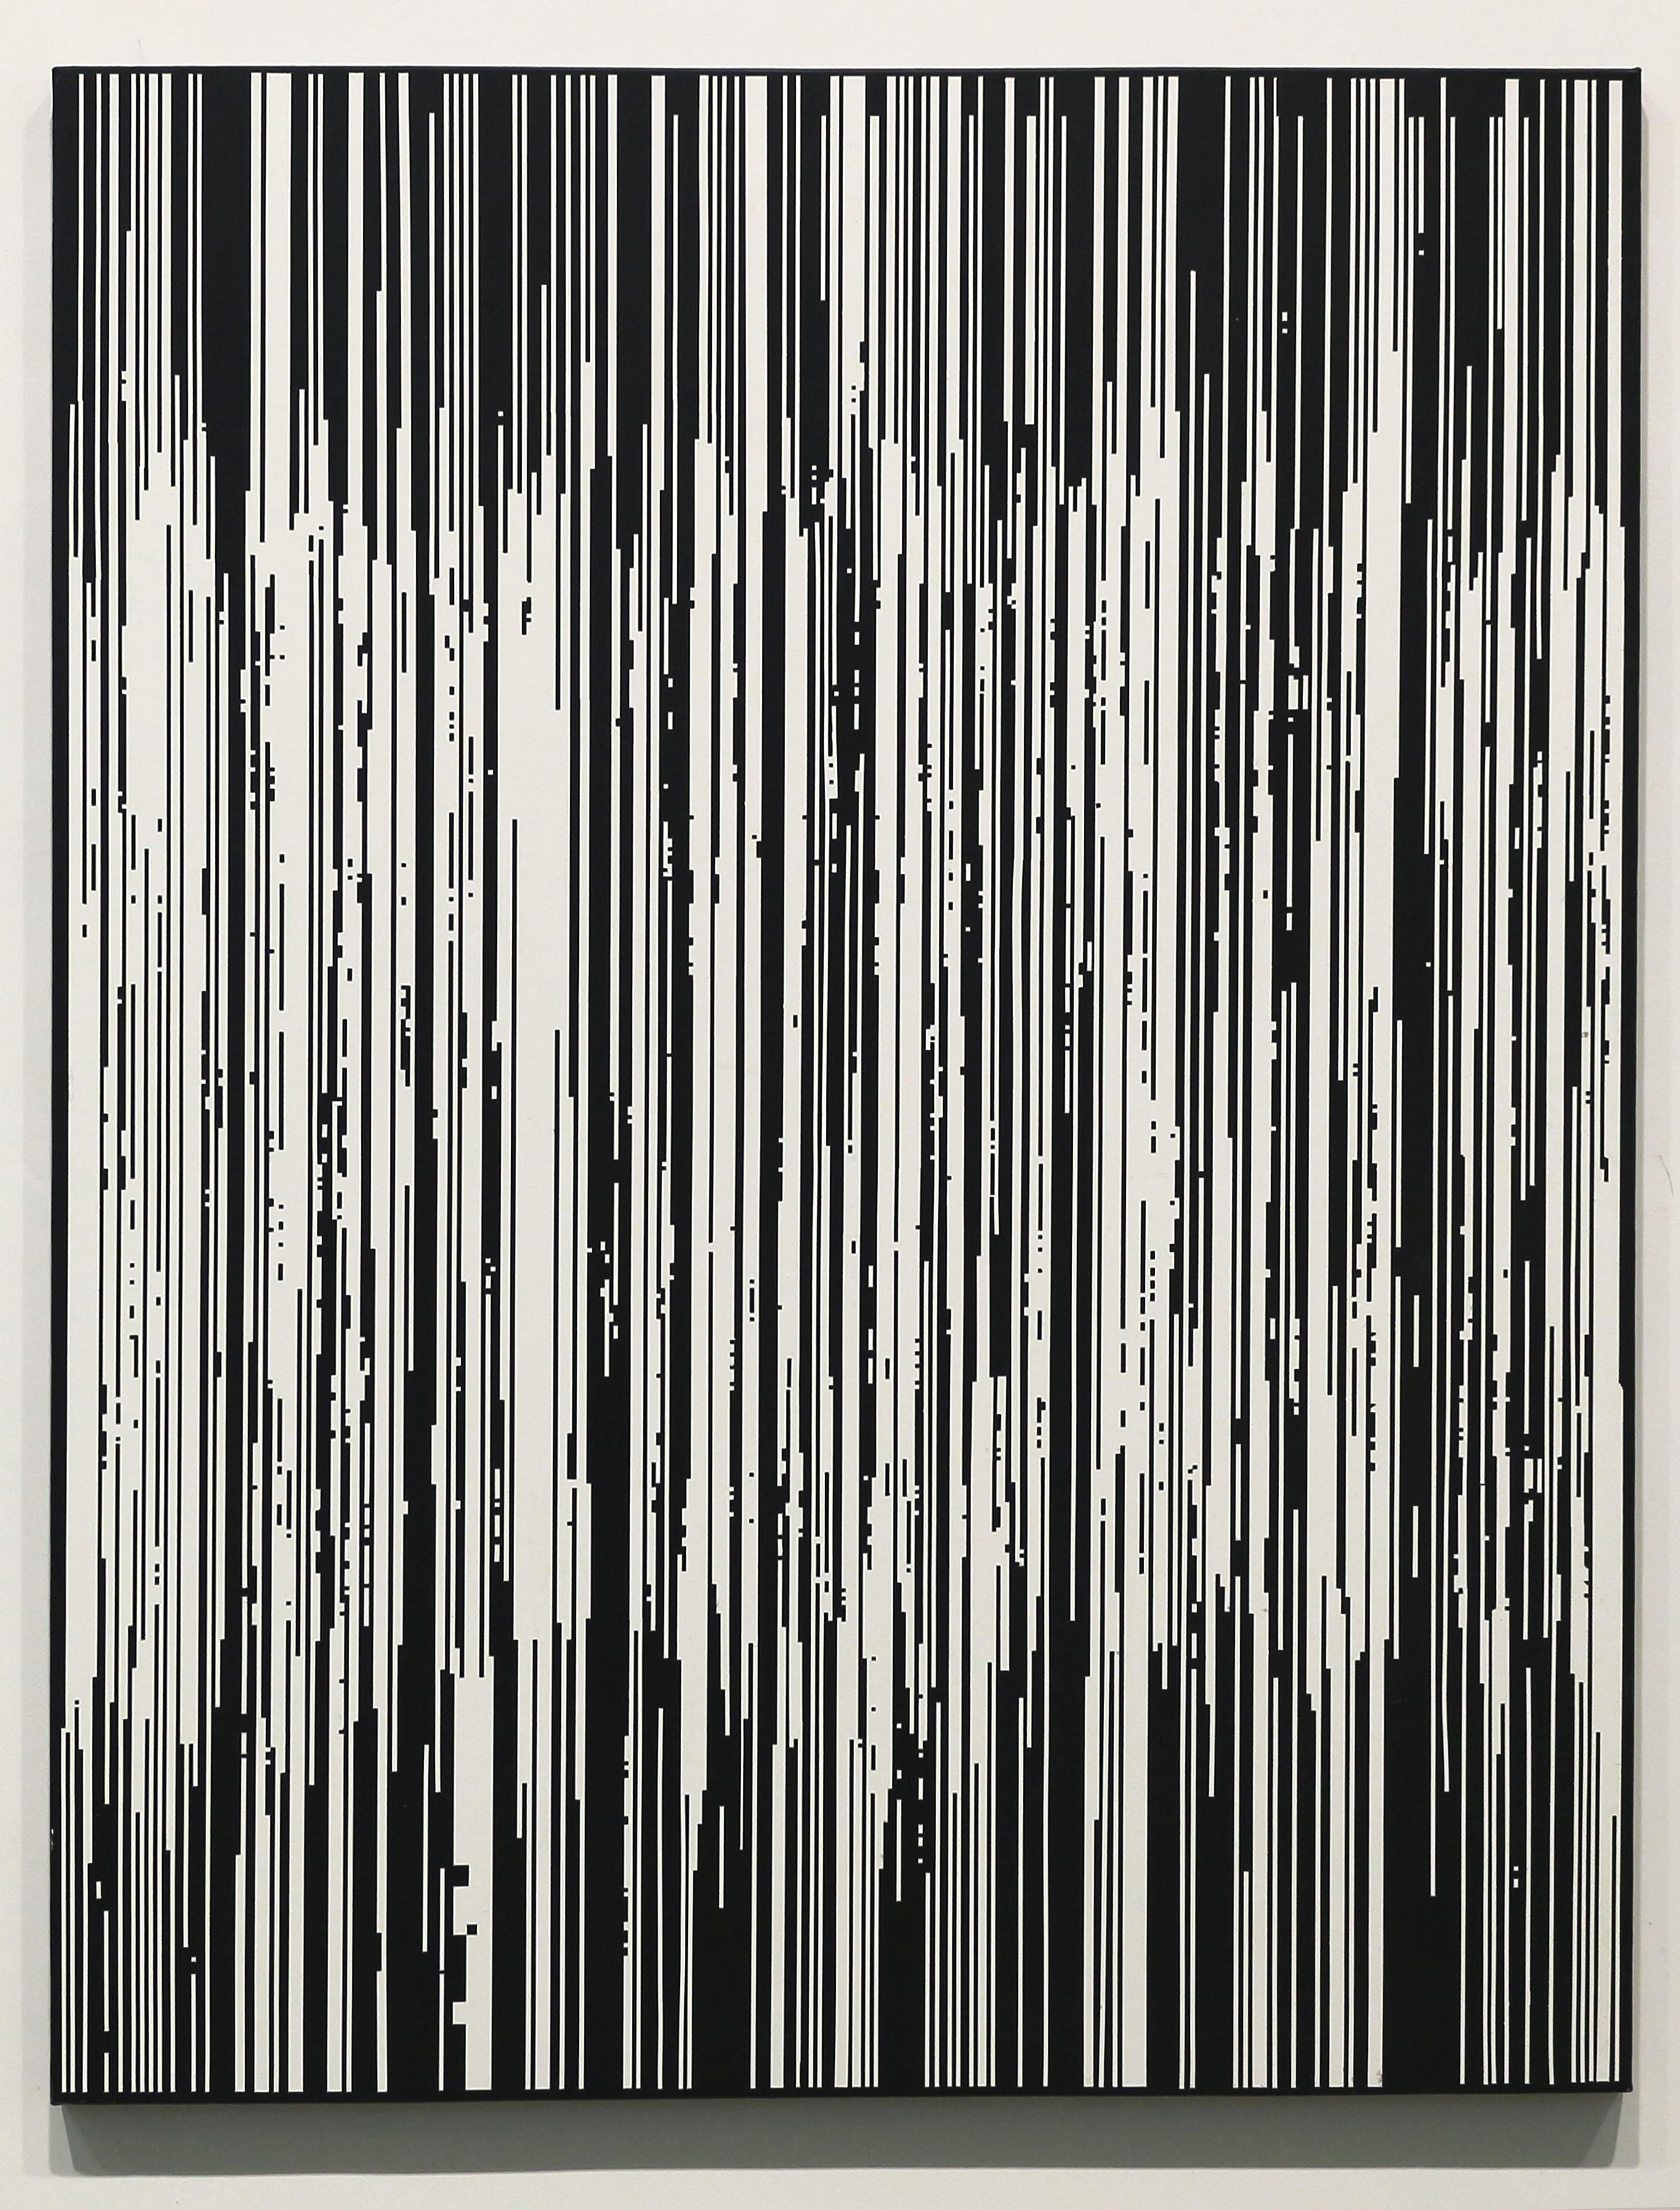 J. PARK_2016 Maze-201651214_Acrylic on canvas_116.8x91cm